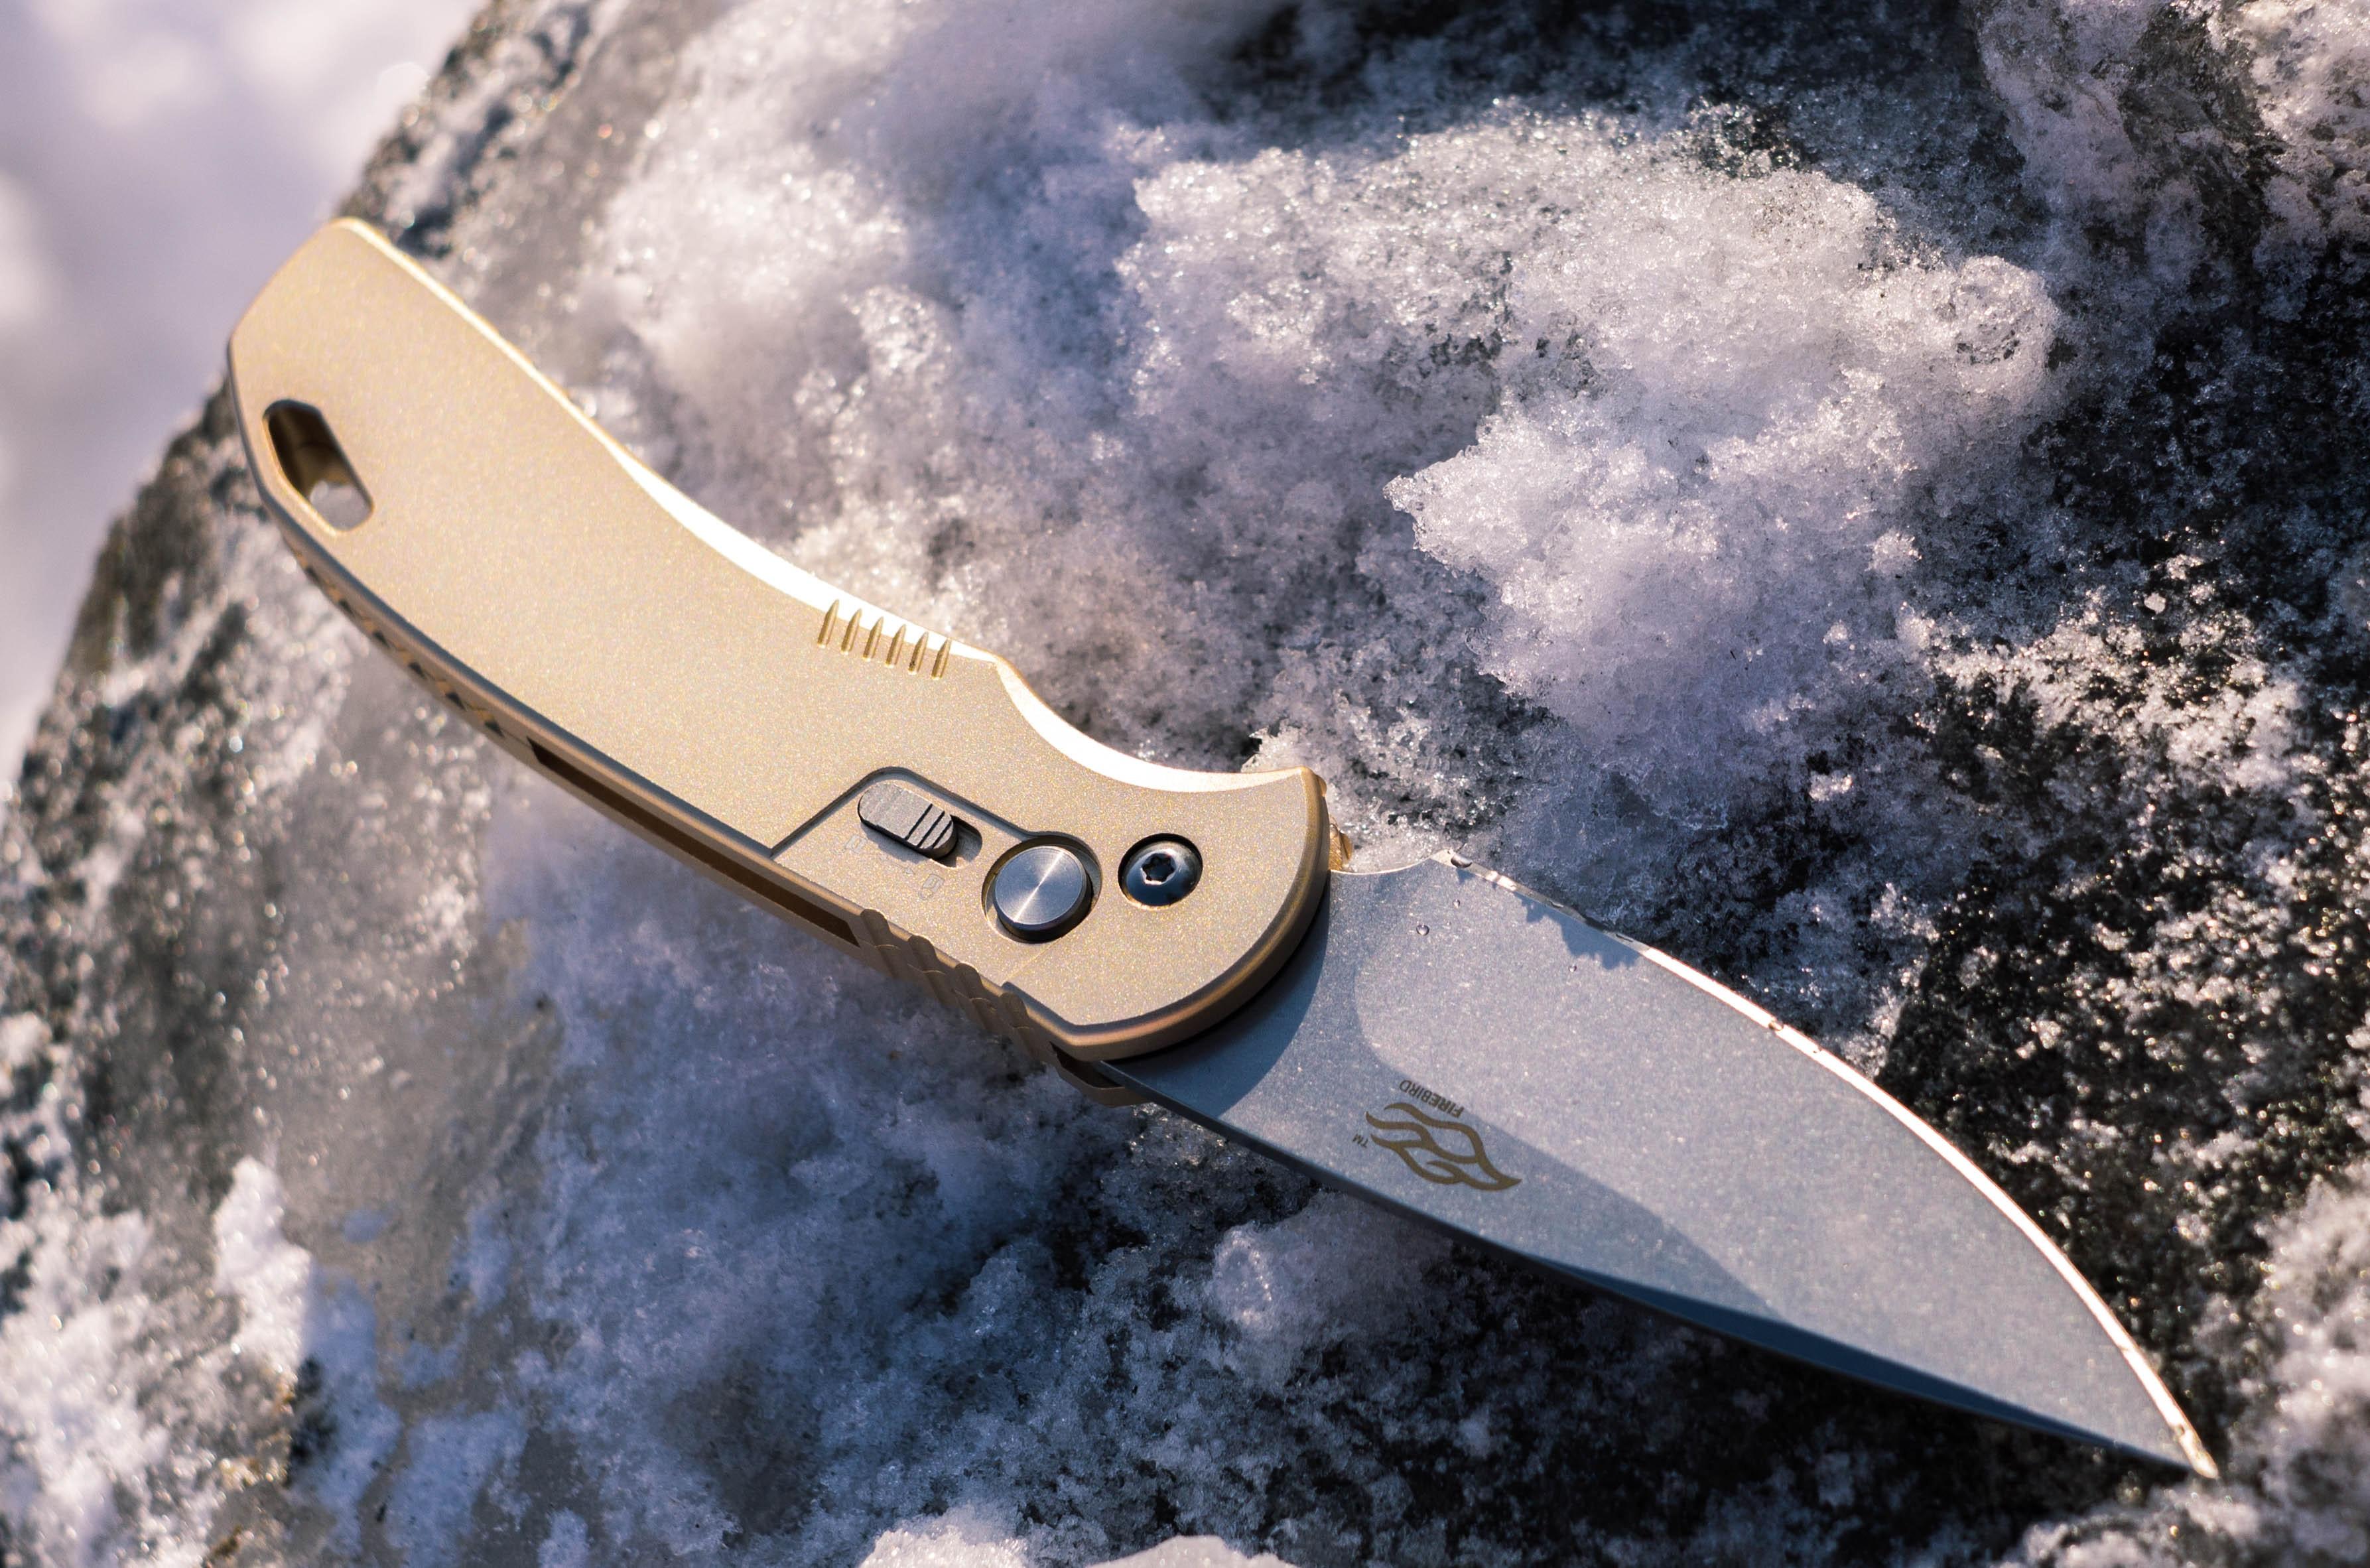 Blade Close Up